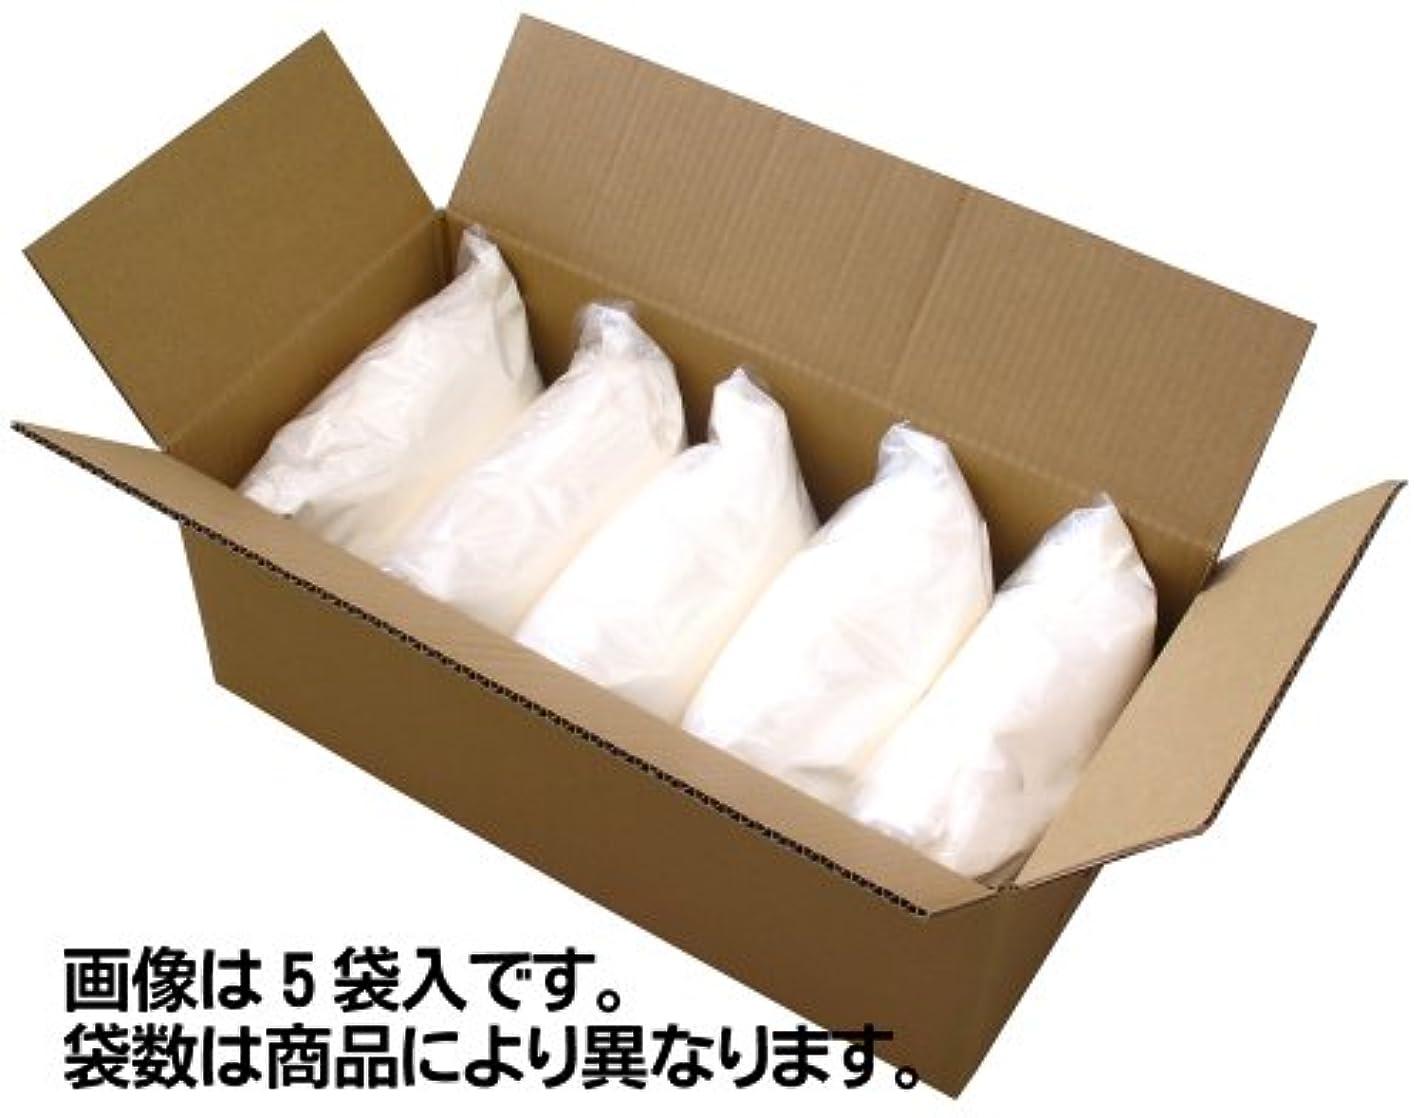 努力する馬力篭業務用 難消化性デキストリン4kg×3袋 水溶性食物繊維約85%